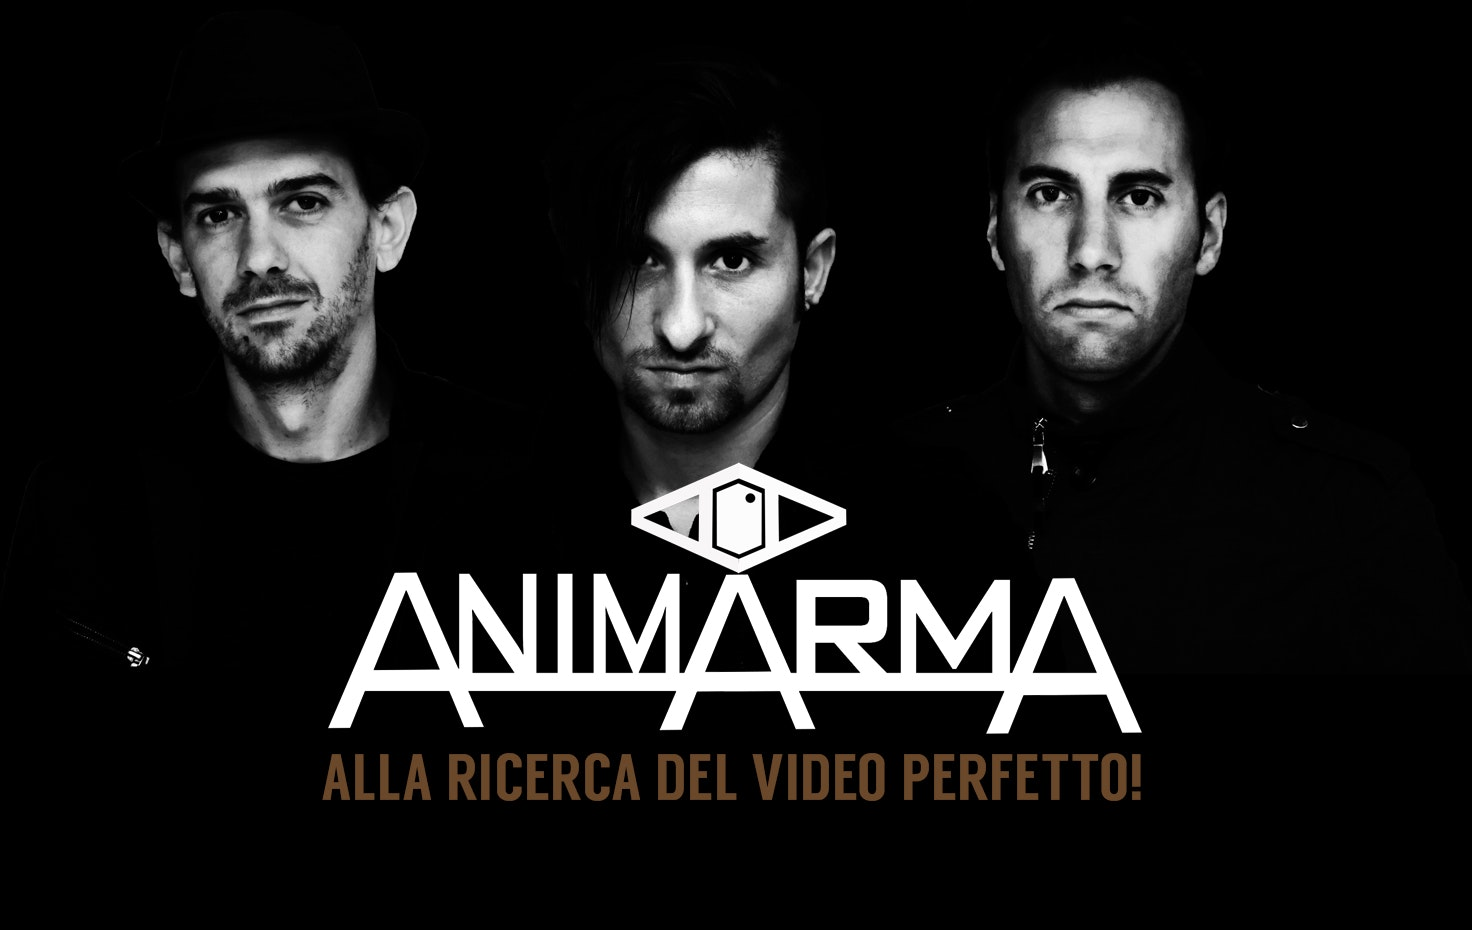 AnimArmA alla ricerca del video perfetto!